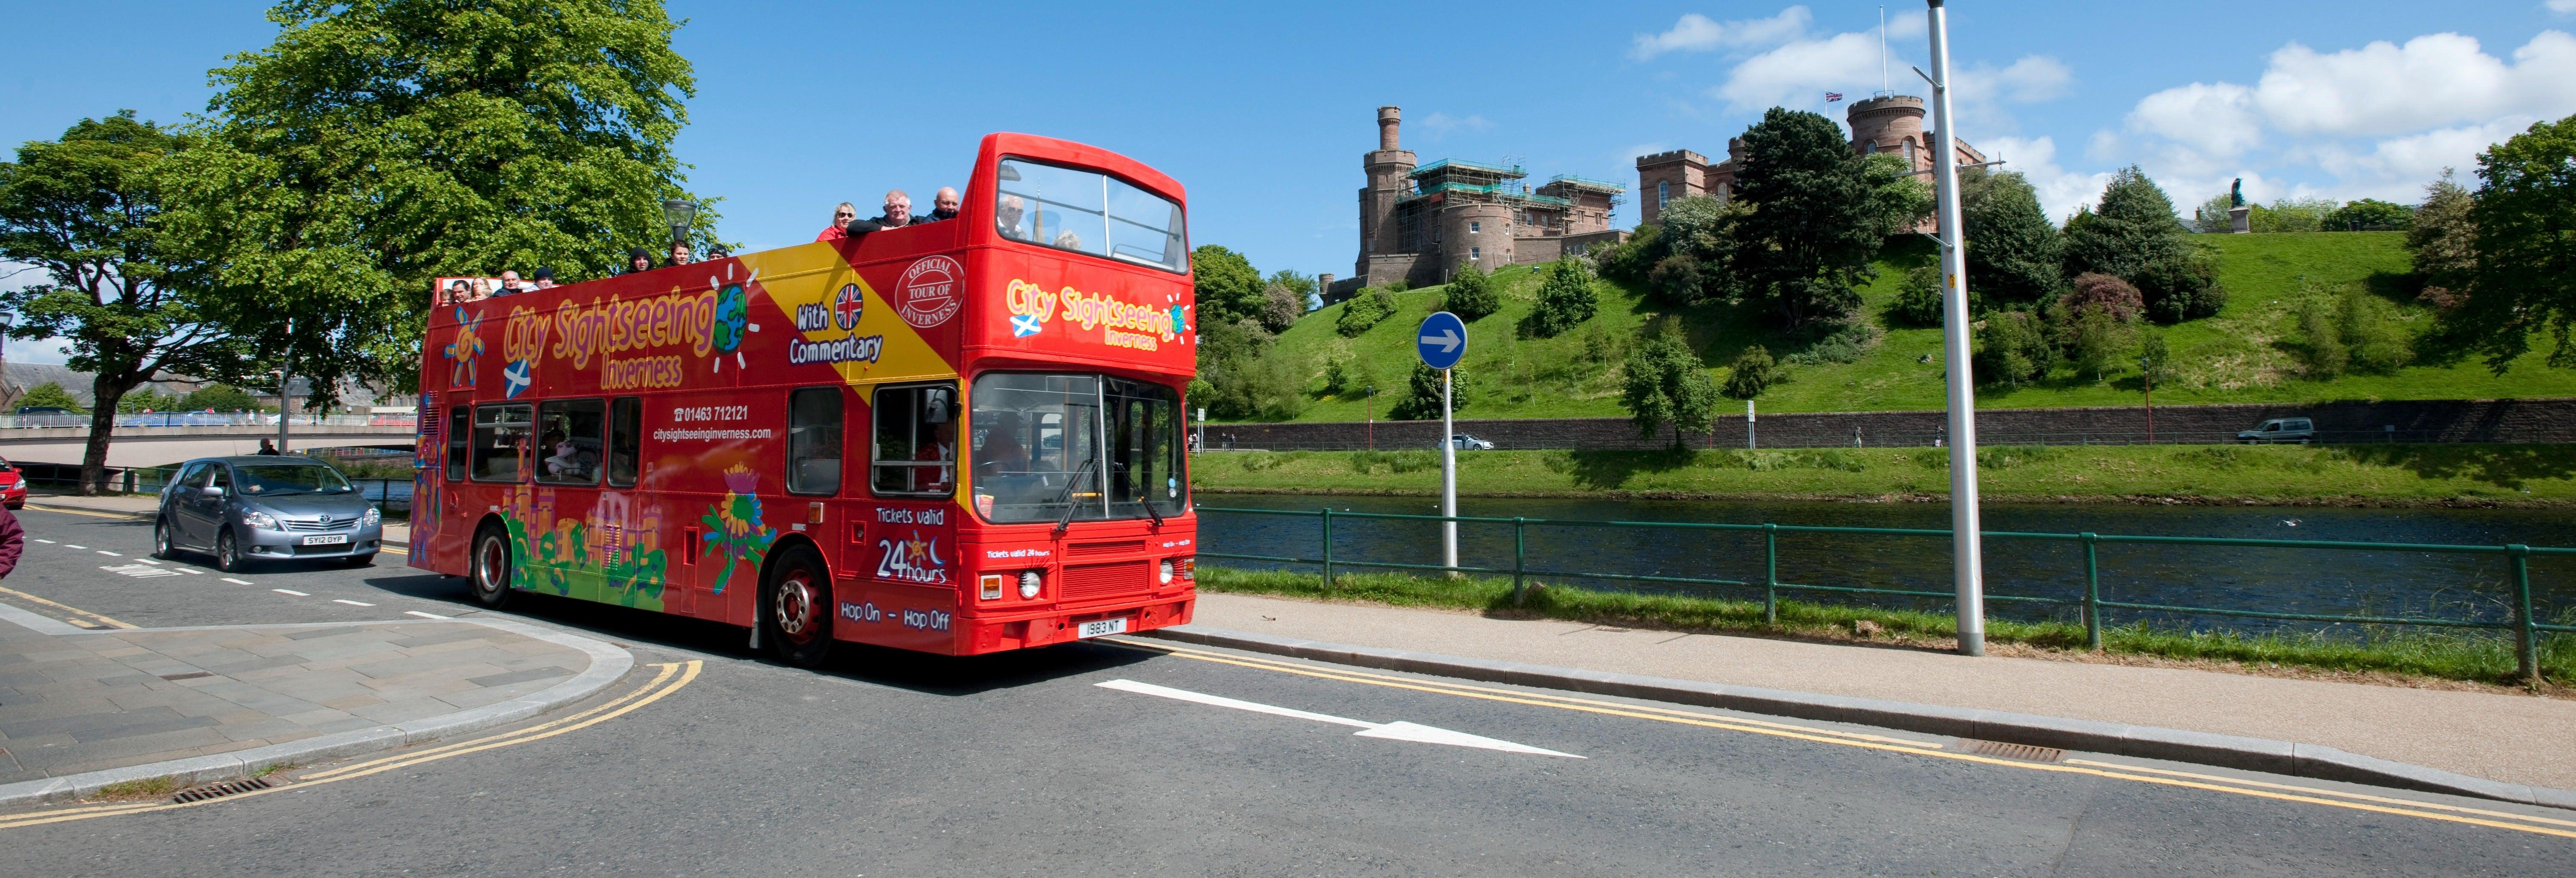 Autobus turistico di Inverness